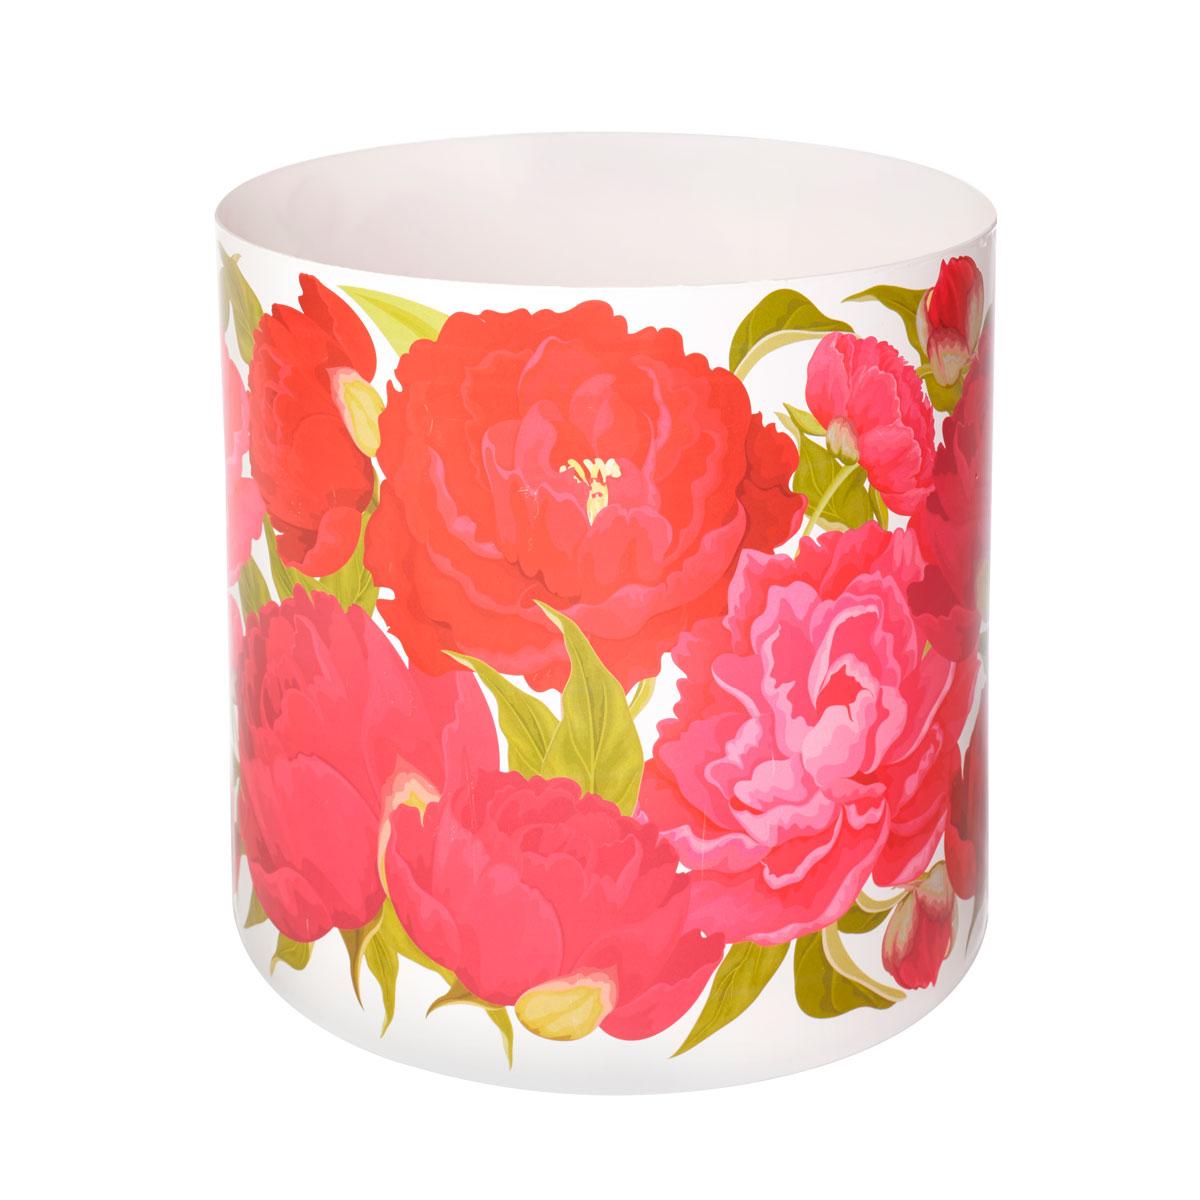 Горшок для цветов Miolla Пионы, со скрытым поддоном, 1 лZ-0307Горшок для цветов Miolla Пионы со скрытым поддоном выполнен из пластика.Диаметр горшка: 11,5 см.Высота горшка (с учетом поддона): 11,5 см.Объем горшка: 1 л.